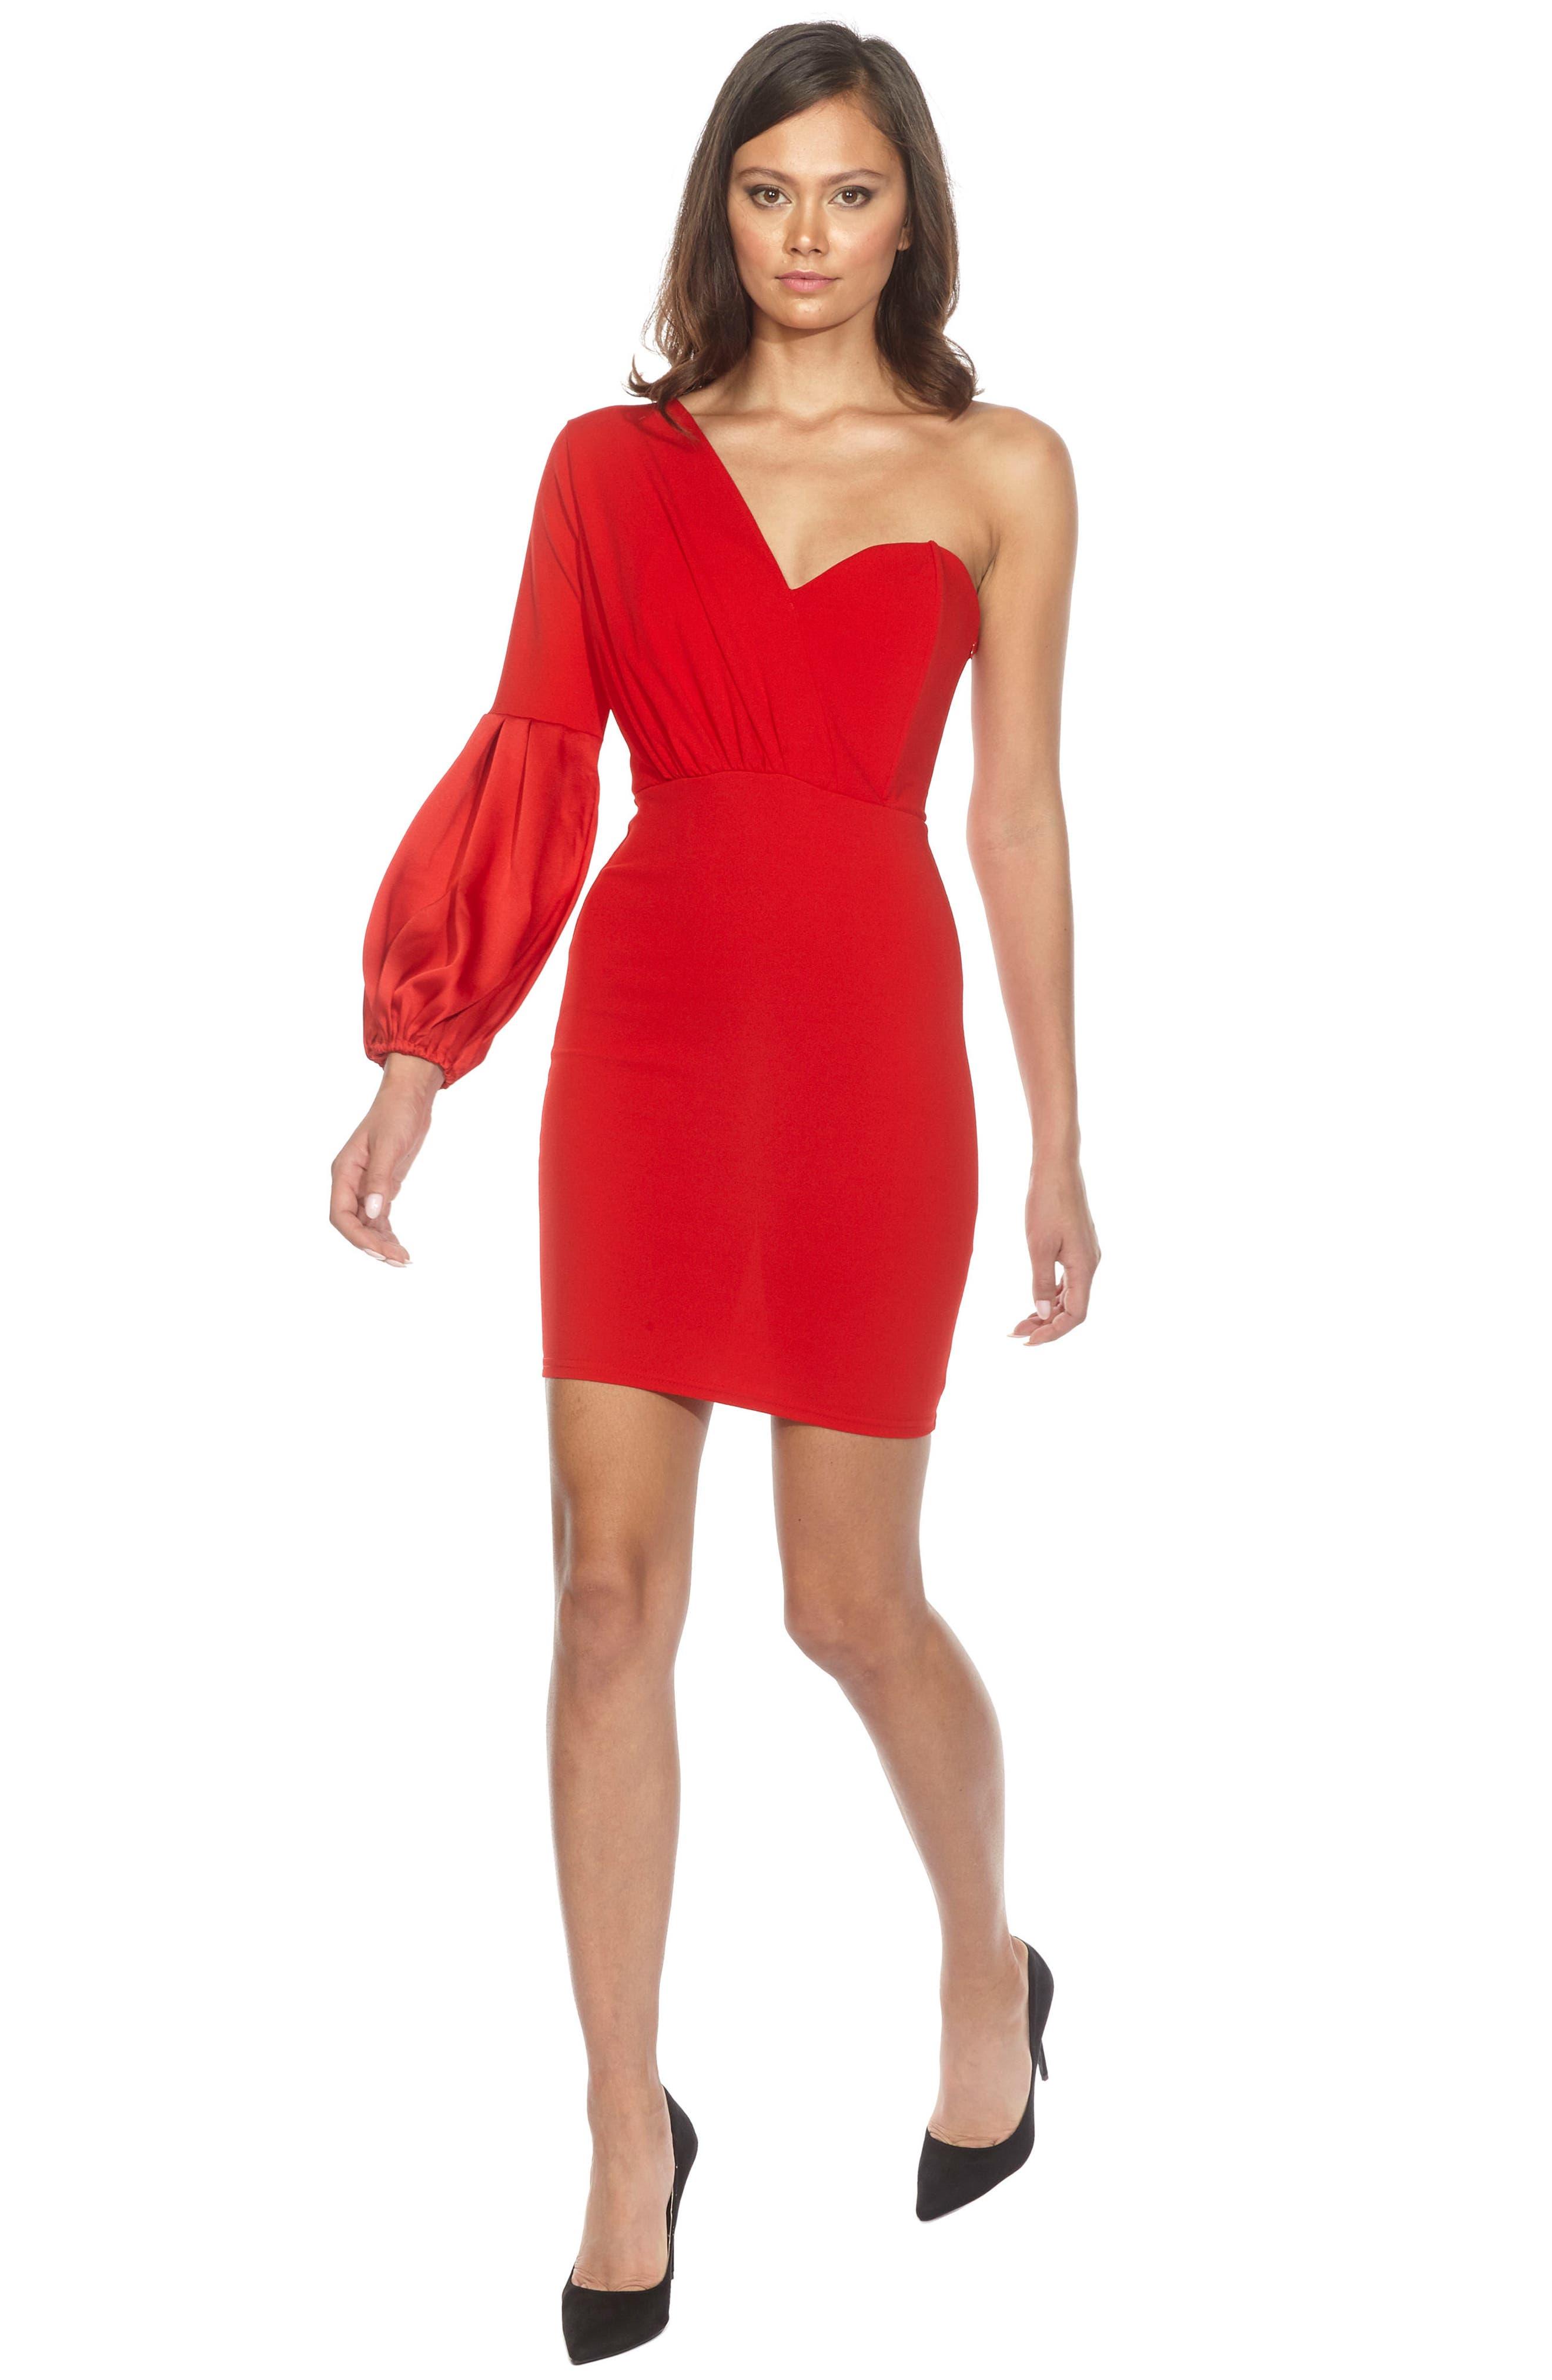 Naeva One-Shoulder Minidress,                             Alternate thumbnail 3, color,